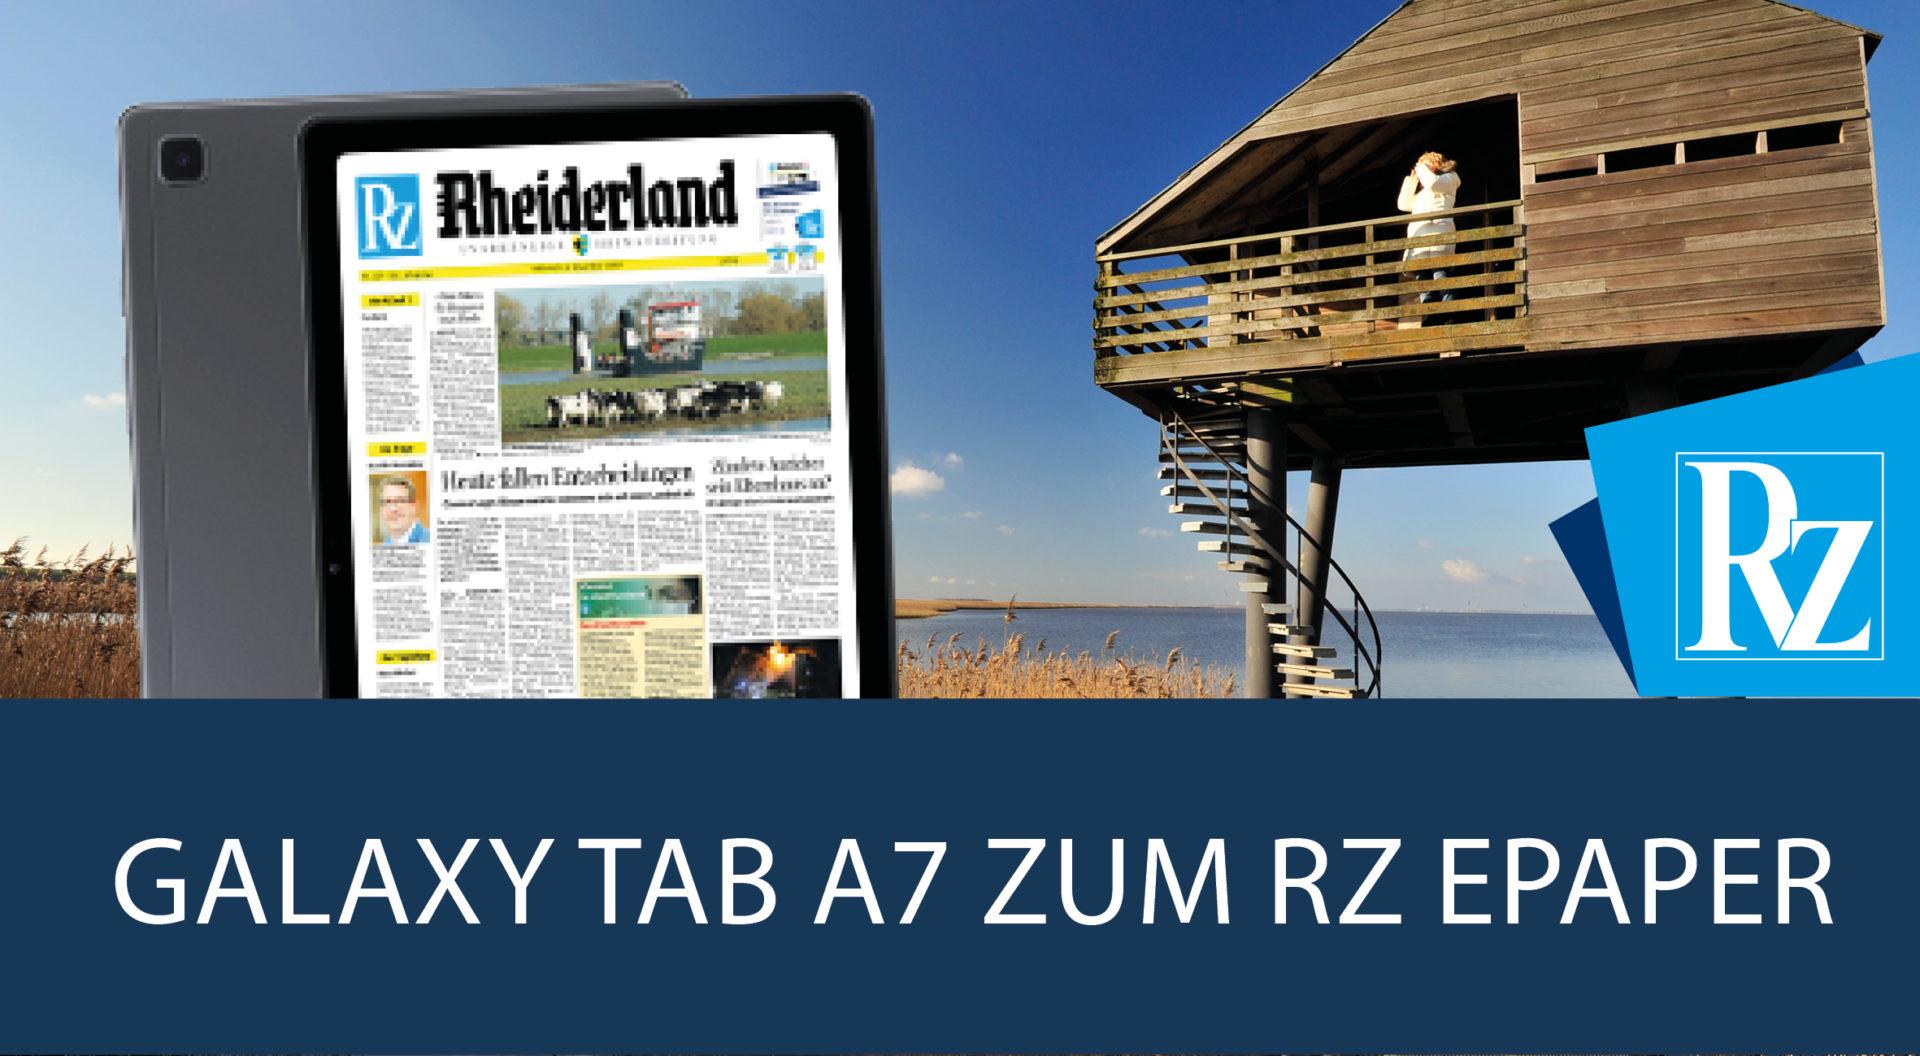 Galaxy Tab A7 zum RZ ePaper